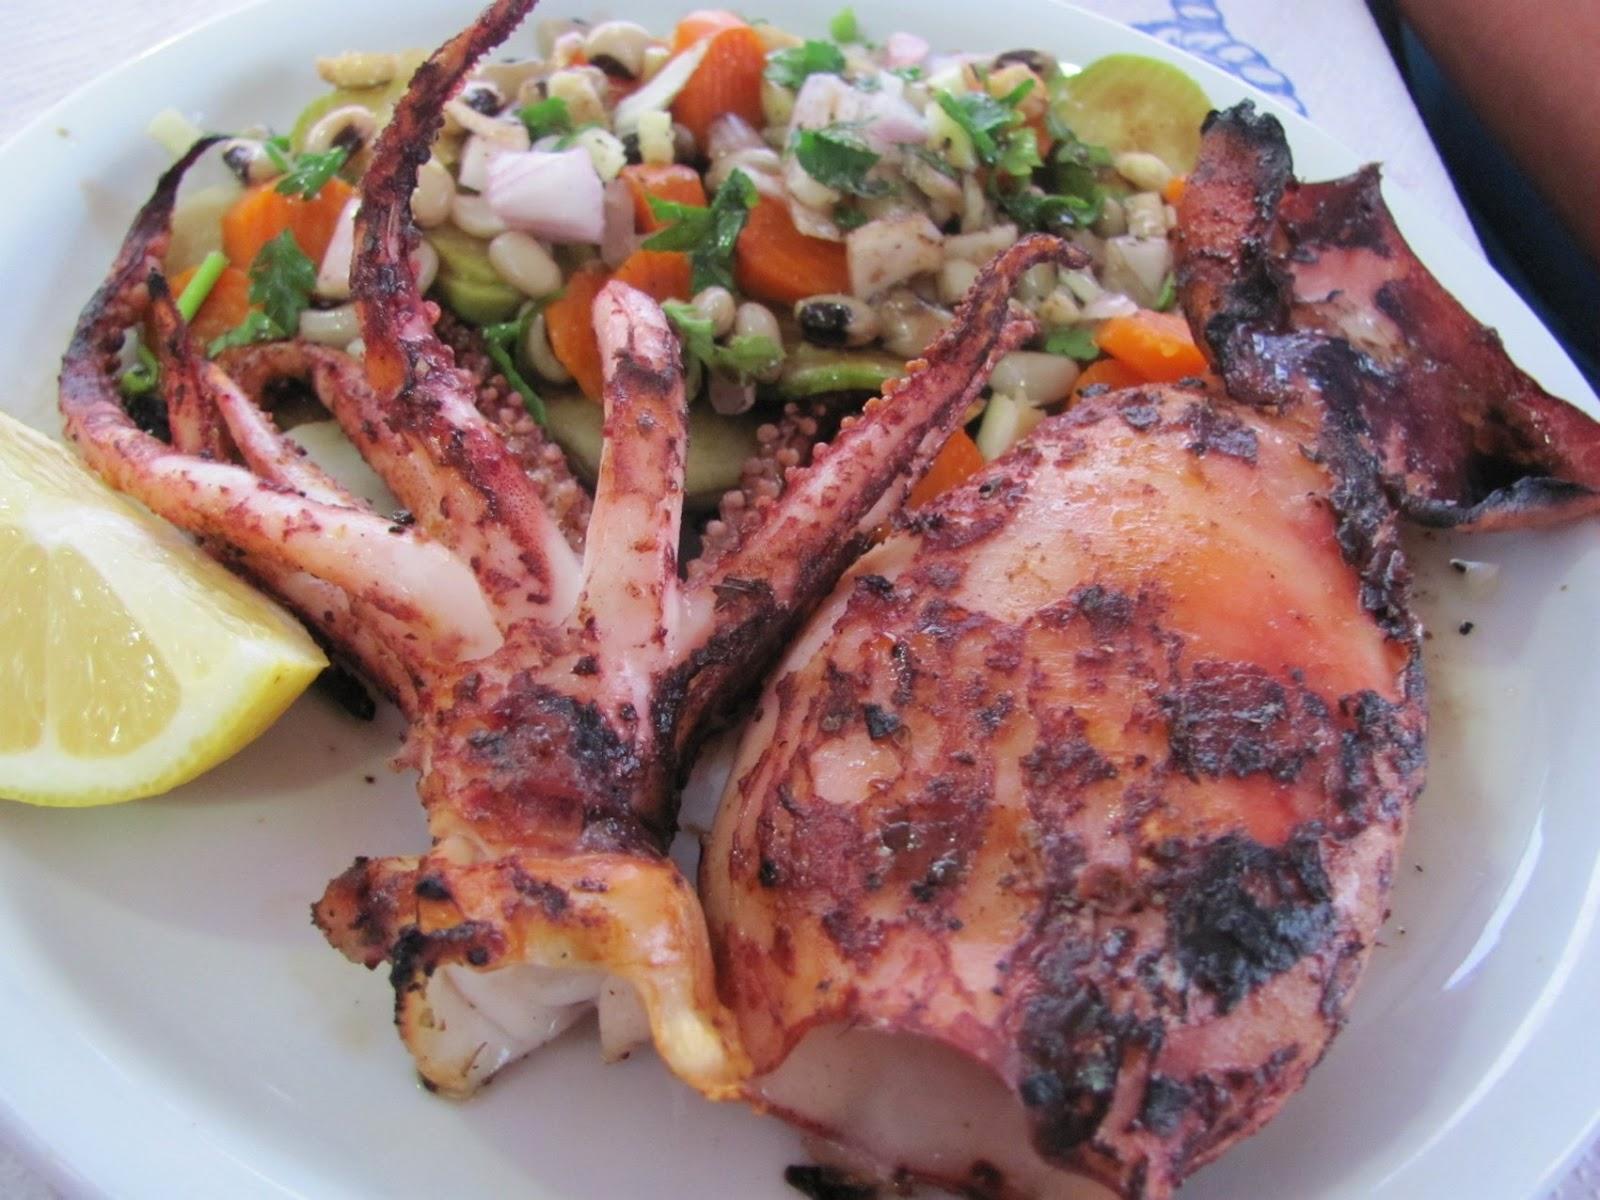 ovviamente la cucina greca non sarebbe quella che senza le buonissime verdure che sono alla base di moltissimi piatti tipici